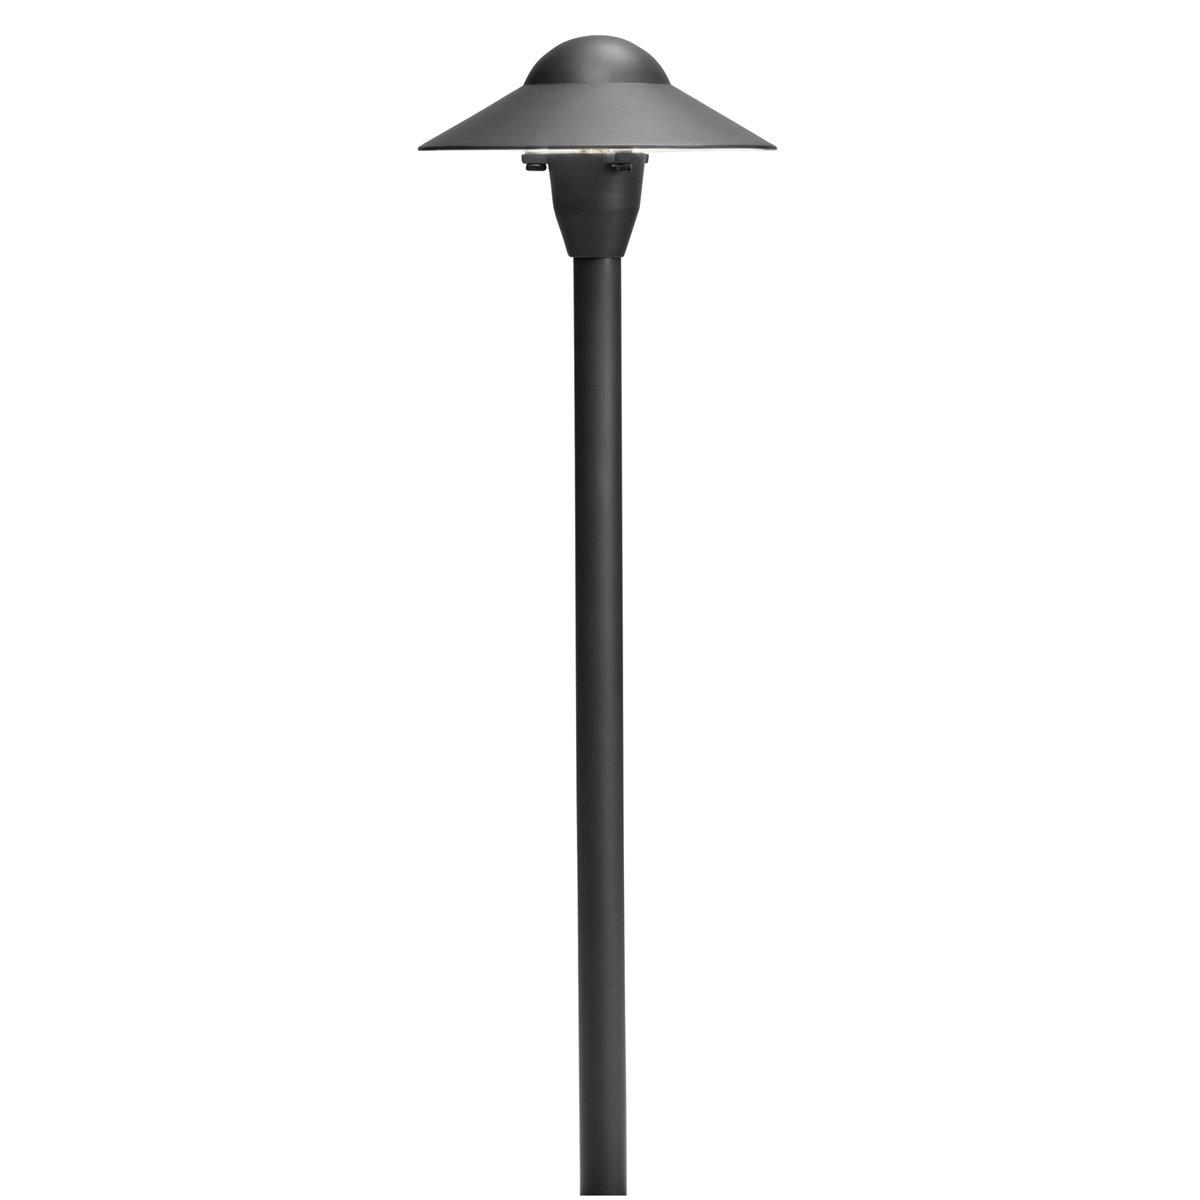 Kichler 15470BKT Dome Path Light 6-Inch, Textured Black